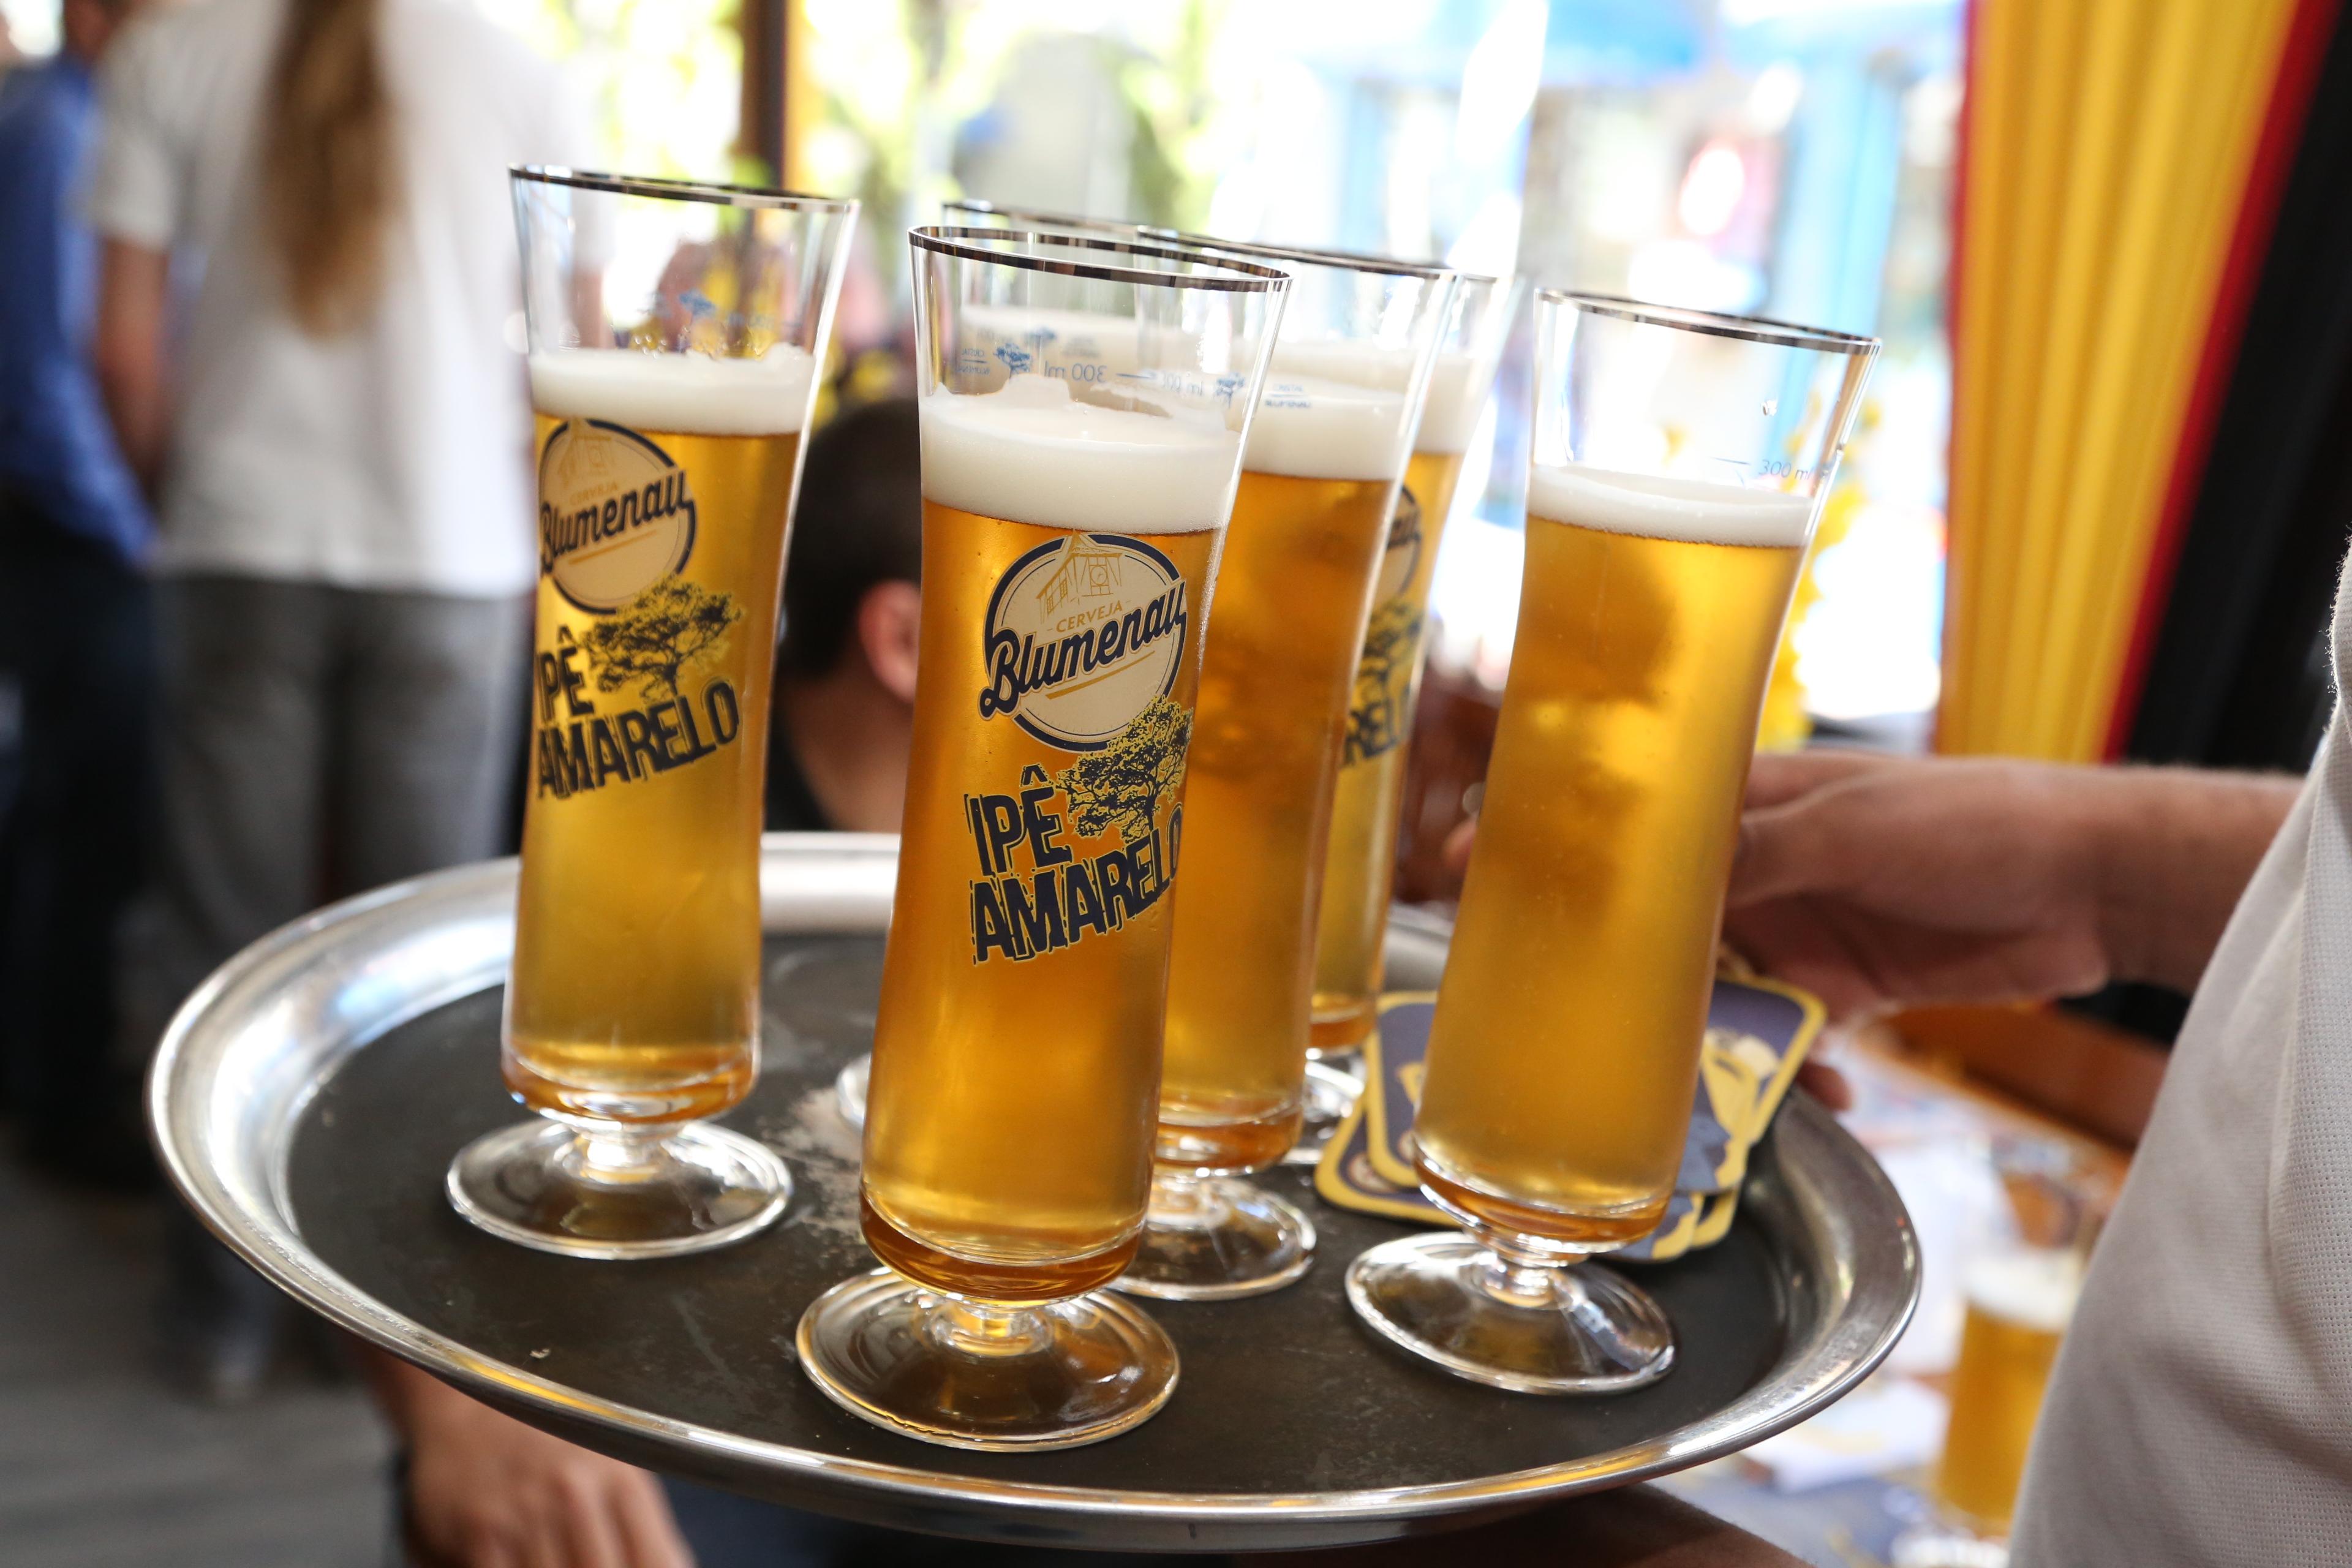 Bier Vila aposta em marca própria e lança Cerveja Blumenau